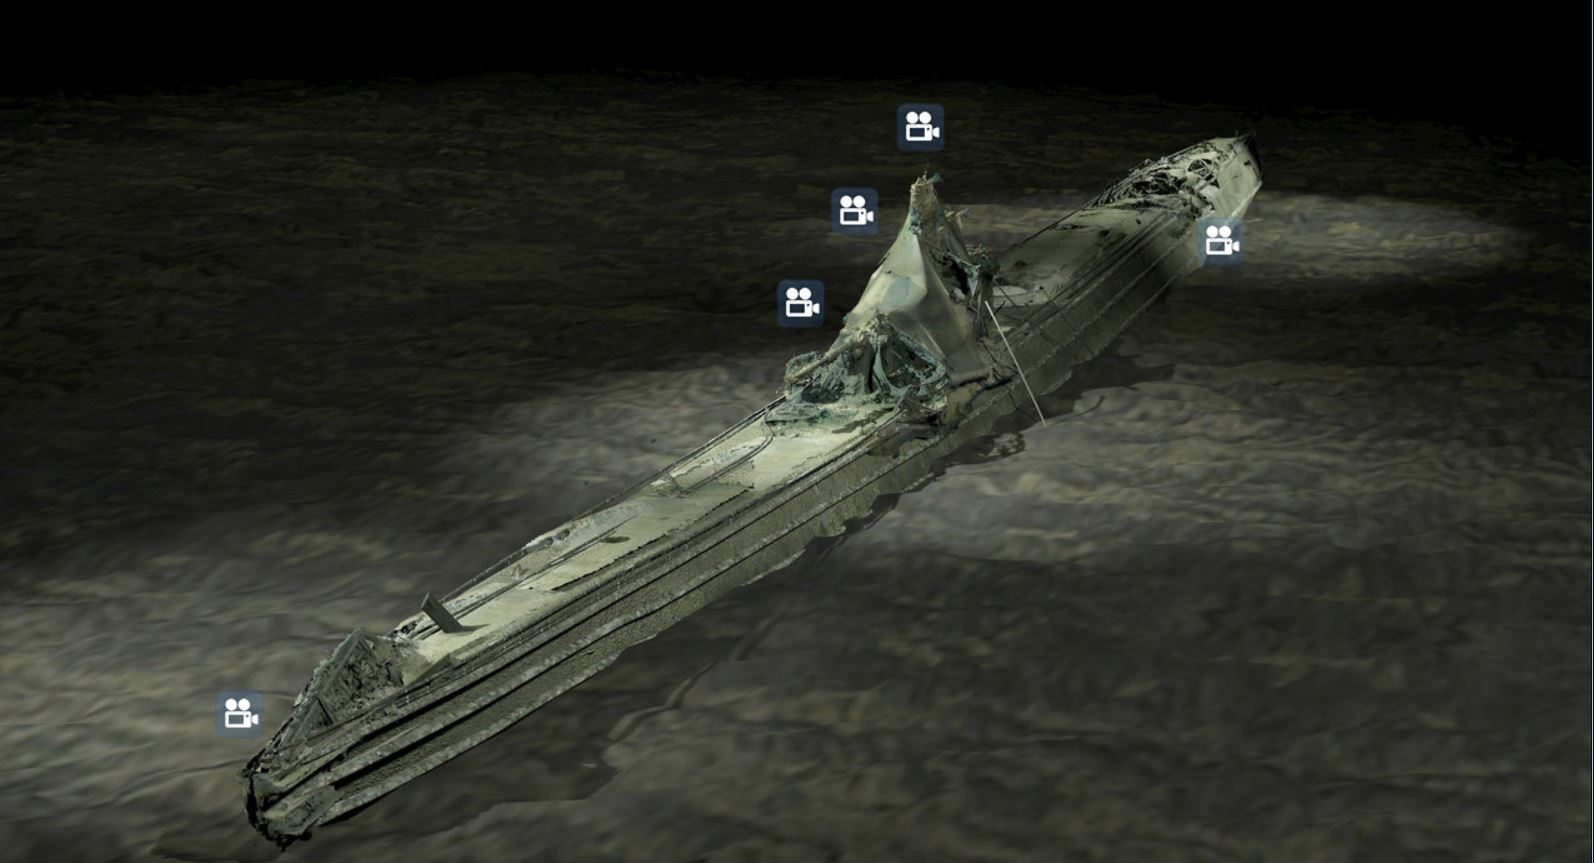 16.12.2018 Виртуальный музей подводной лодки С-9